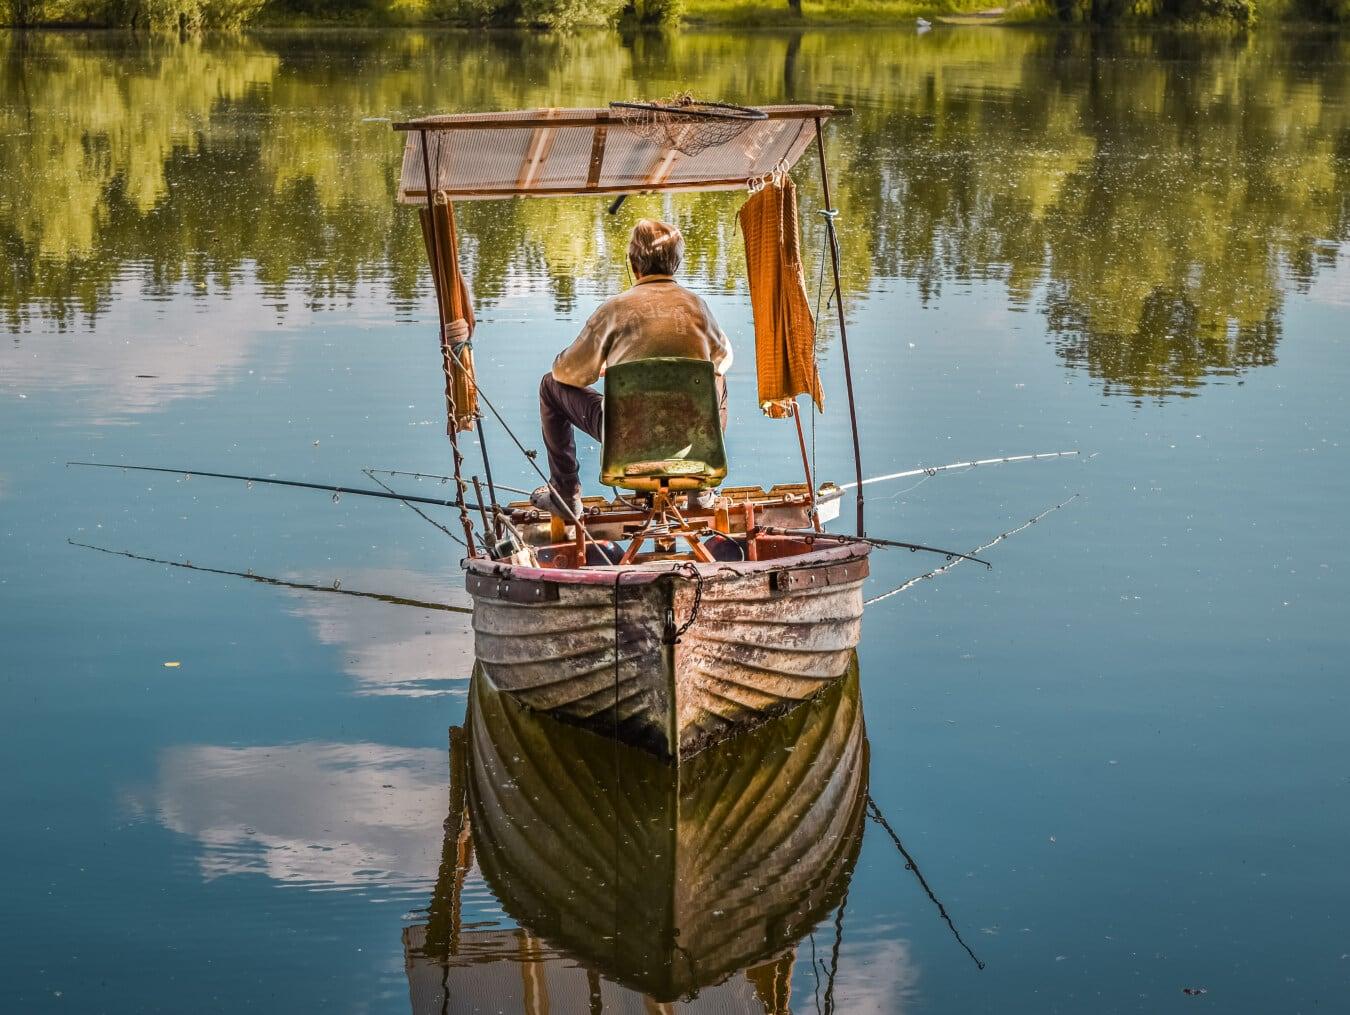 Fanggeräte, Angelrute, Alter Mann, Angeln, Angelboot/Fischerboot, Sonnenschein, Sommersaison, Fischer, Wasser, Reflexion